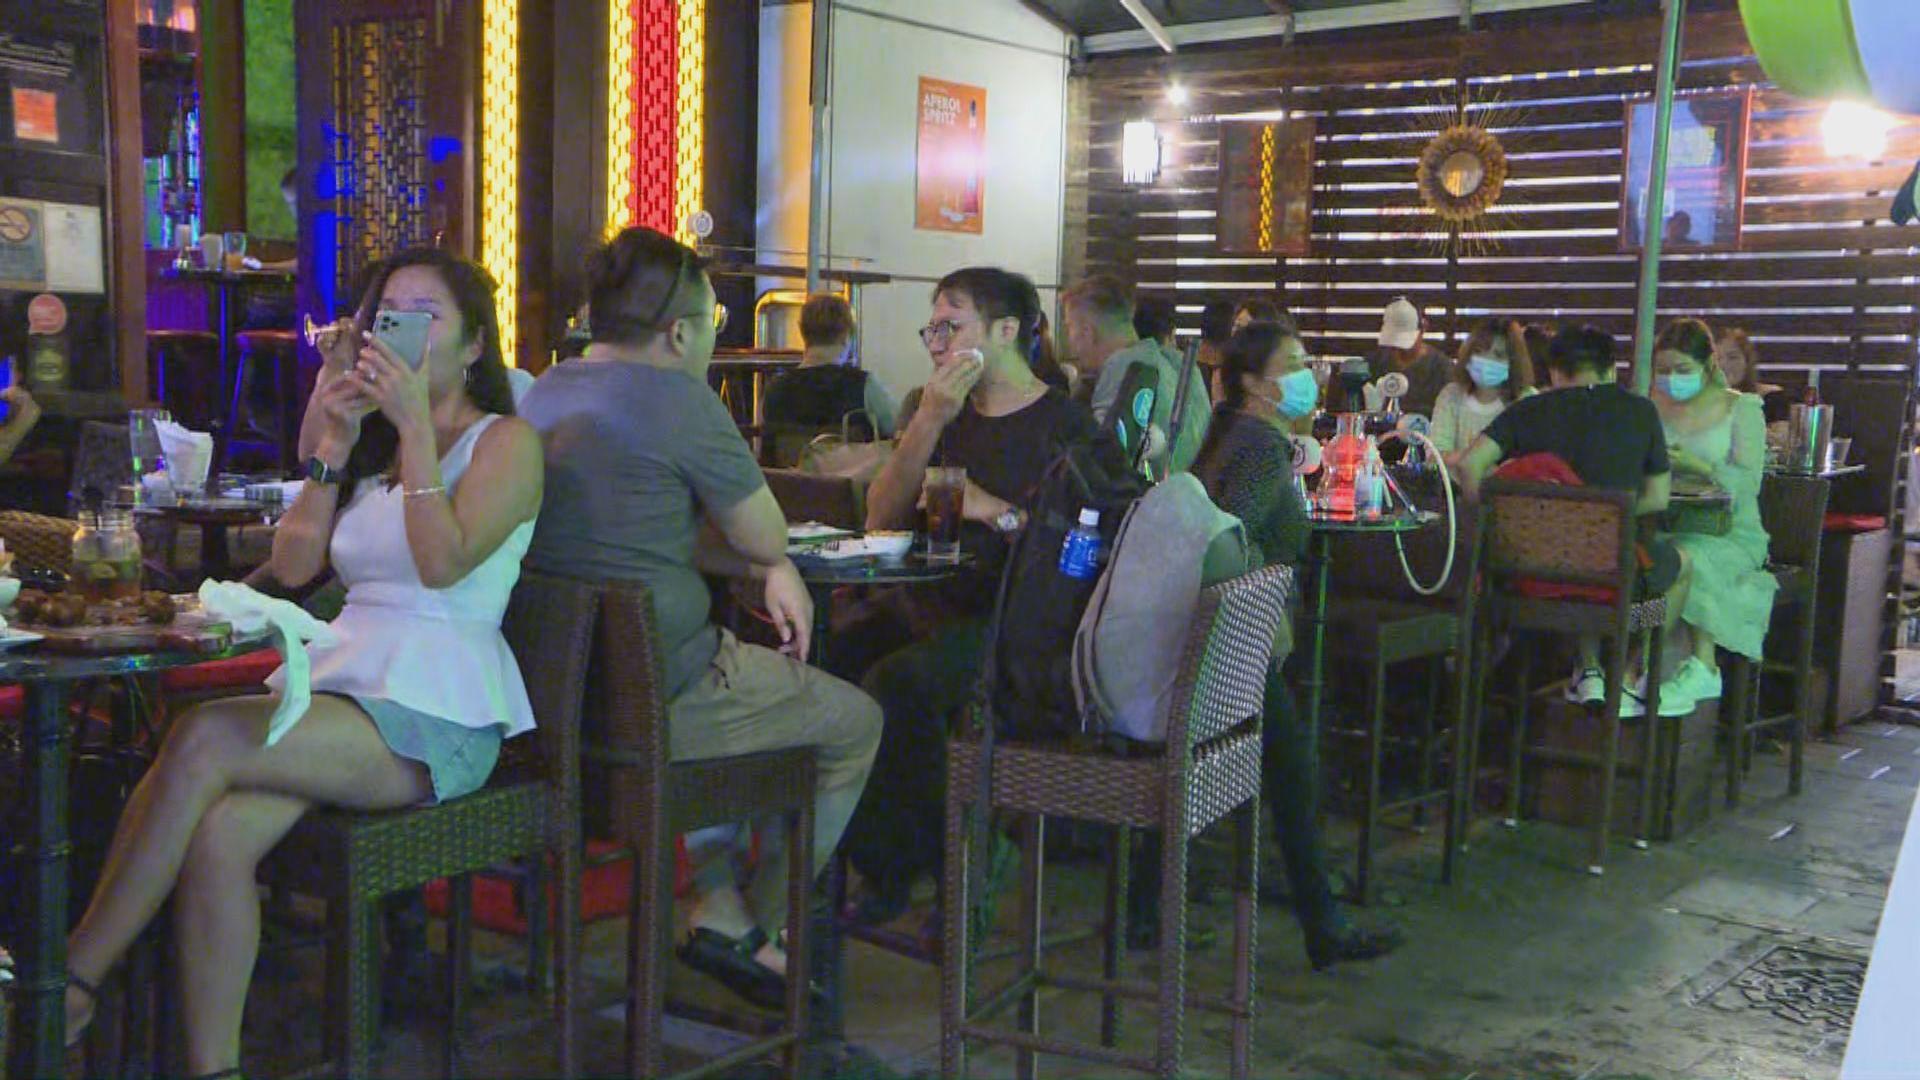 酒吧重開首週末 酒吧街人流不算暢旺